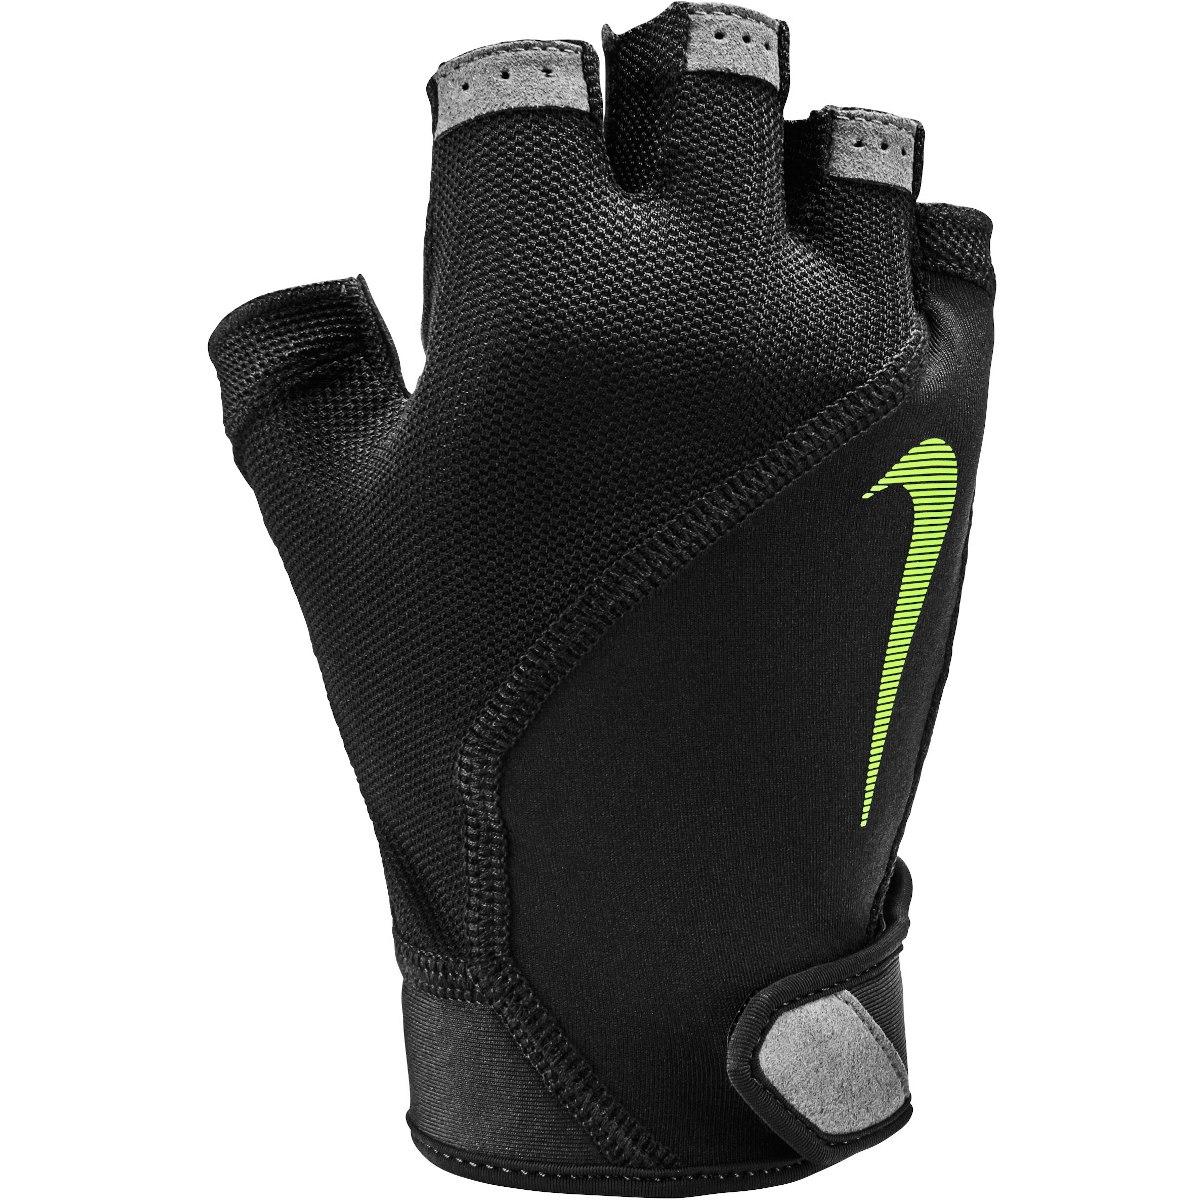 Foto de Nike Elemental Fitness Guantes para hombres - black/dark grey/black/volt 055